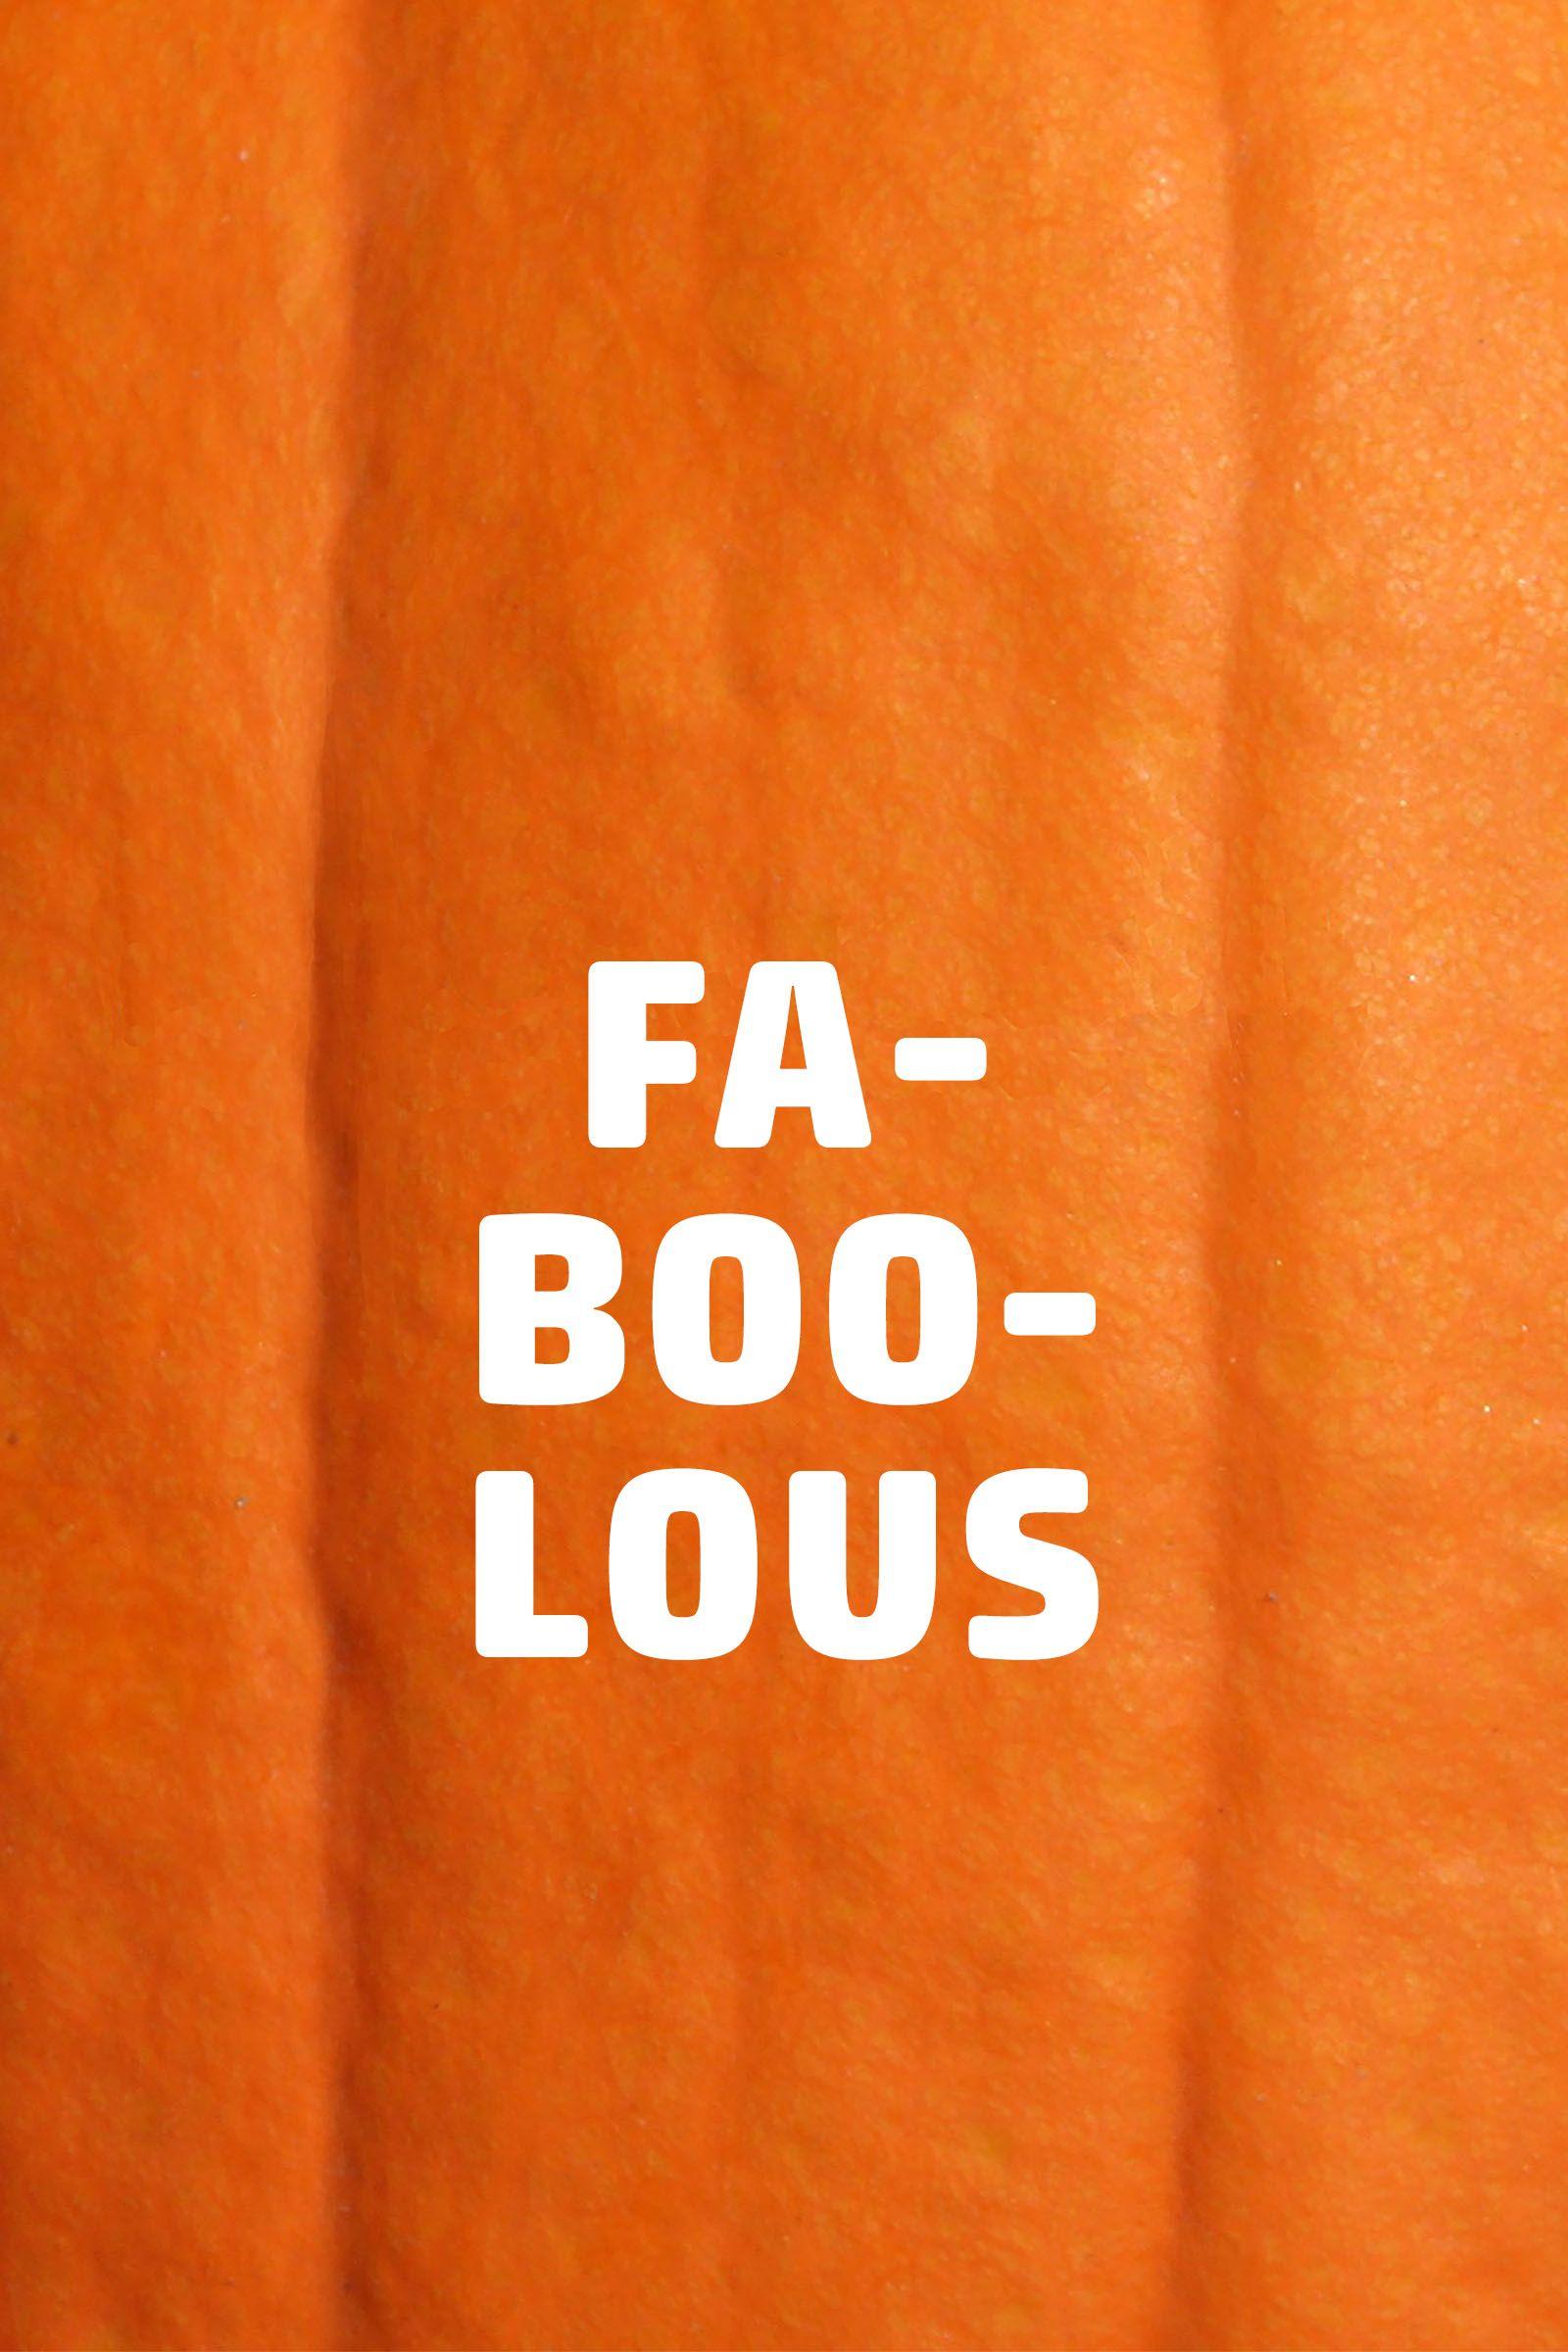 pumpkin puns fa-boo-less